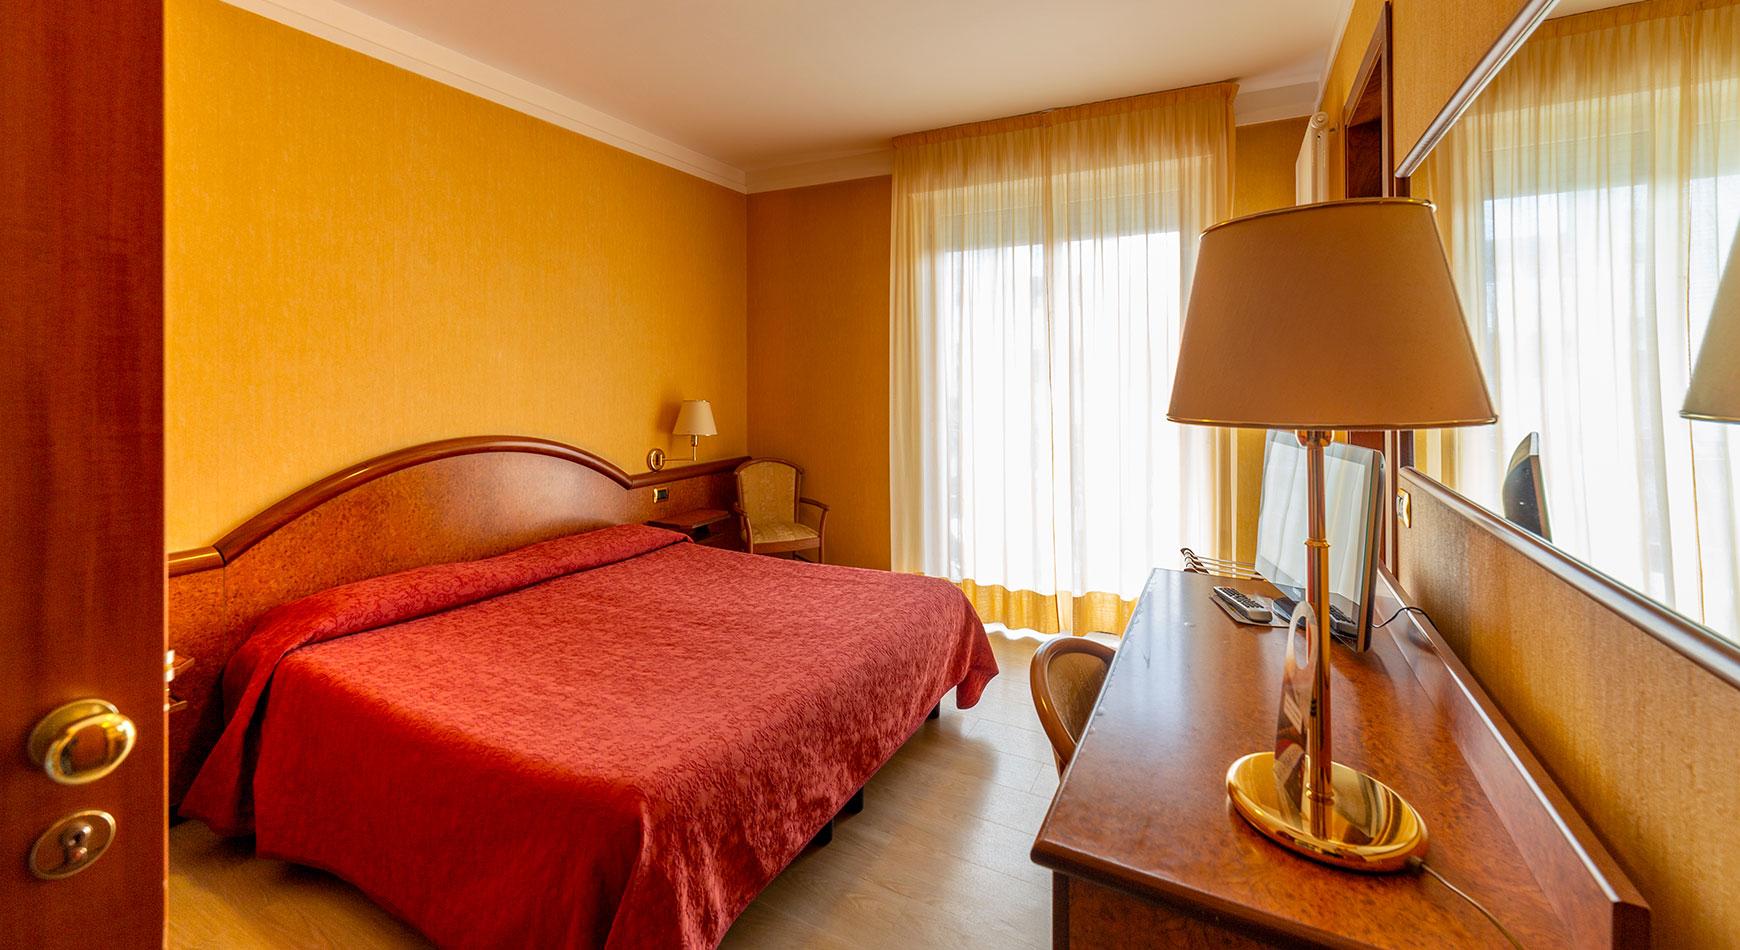 Hotel 3 stars Fano